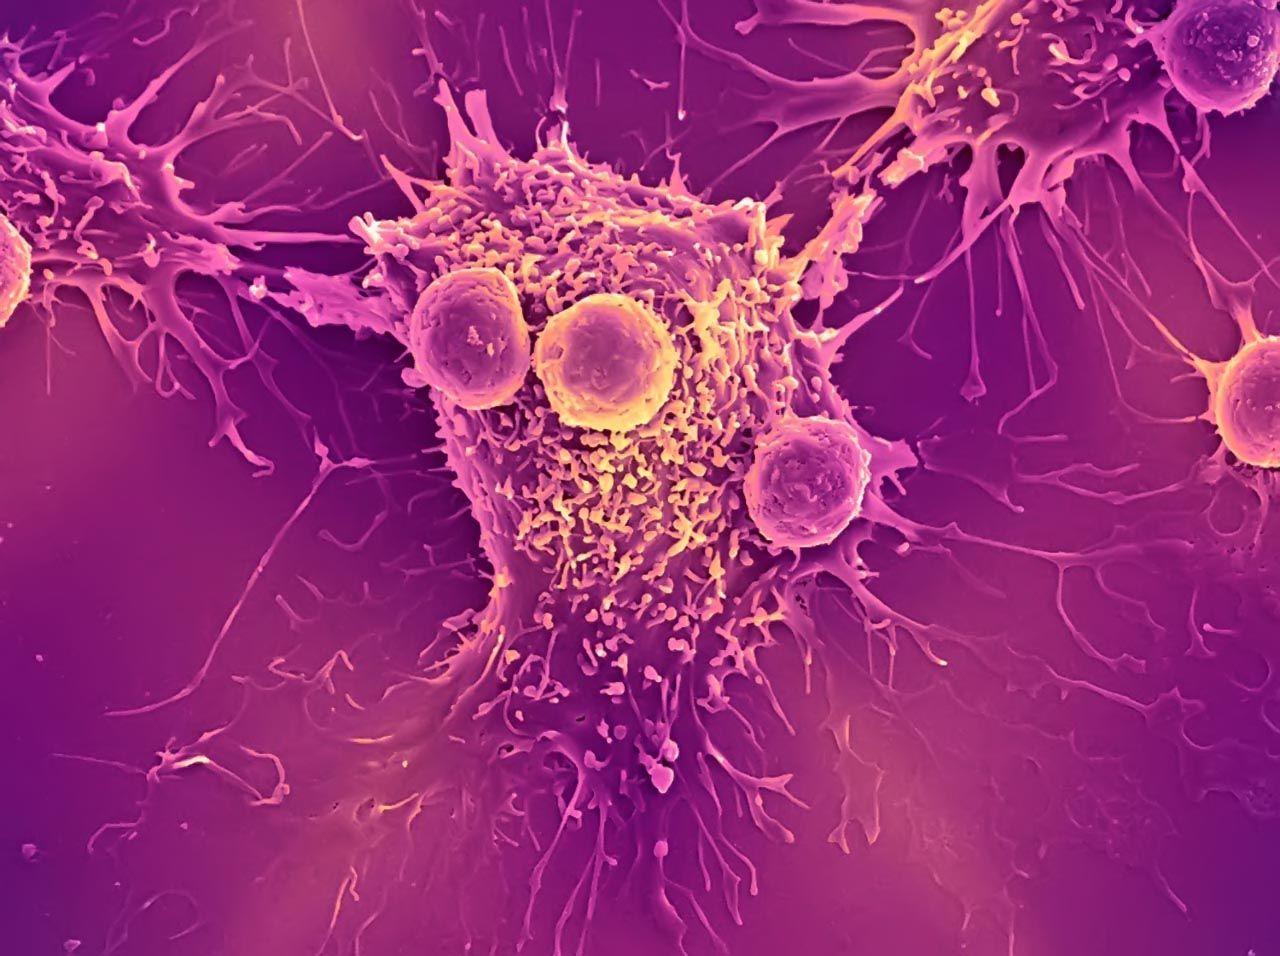 Điều trị trúng đích ung thư phổi hay điều trị bằng thuốc nhắm mục tiêu vào những bất thường cụ thể có trong các tế bào ung thư